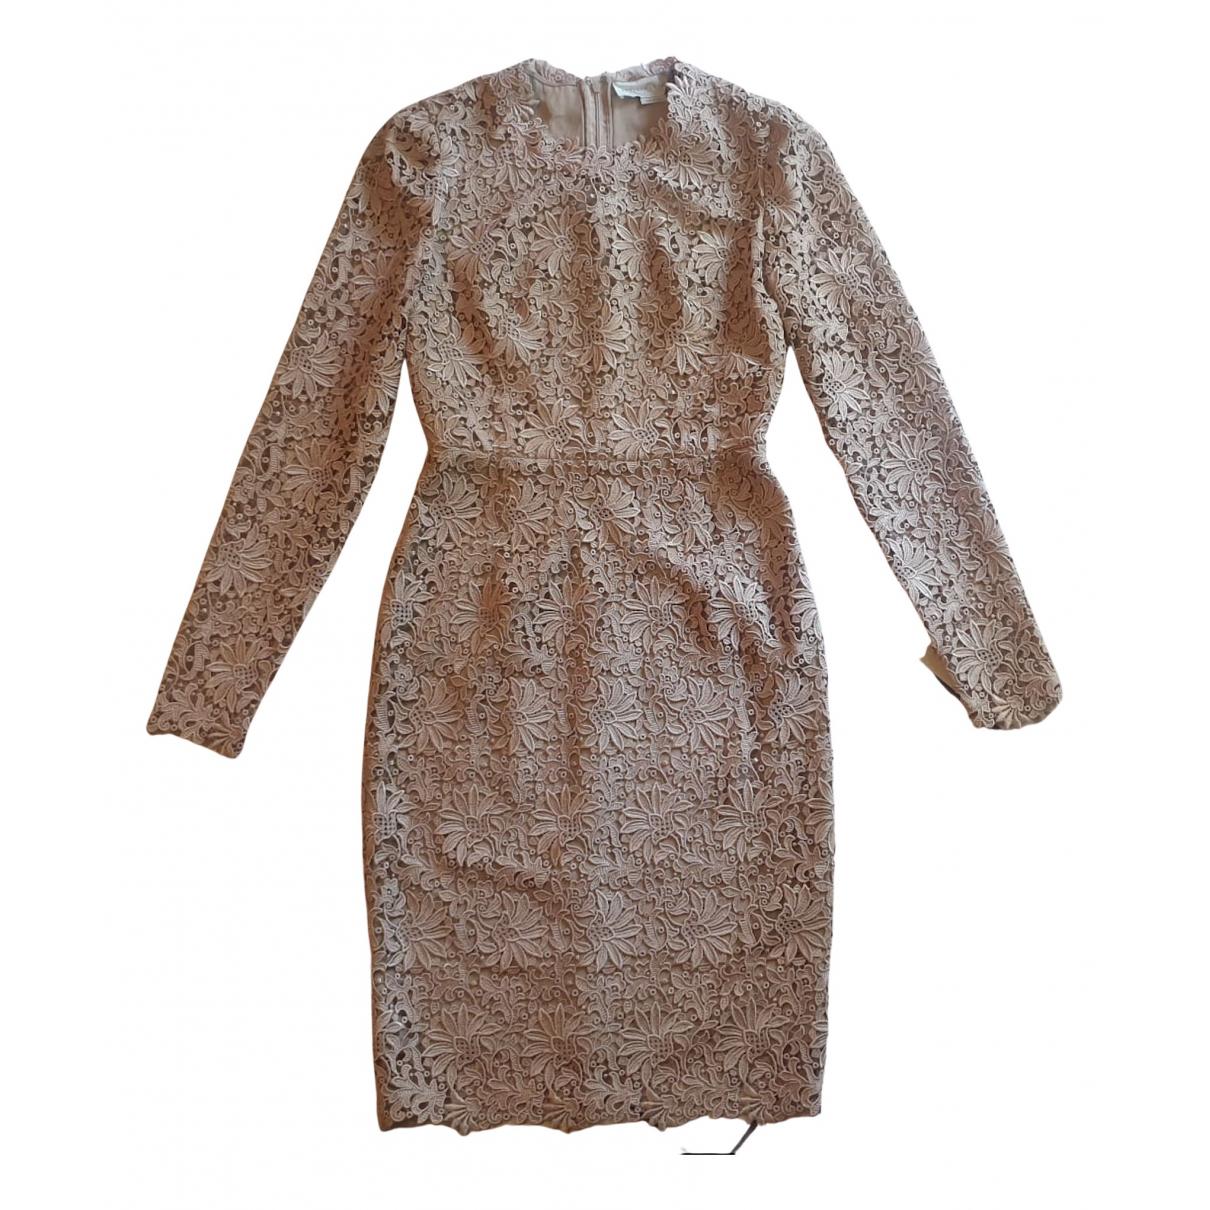 Stella Mccartney N Beige dress for Women 38 IT